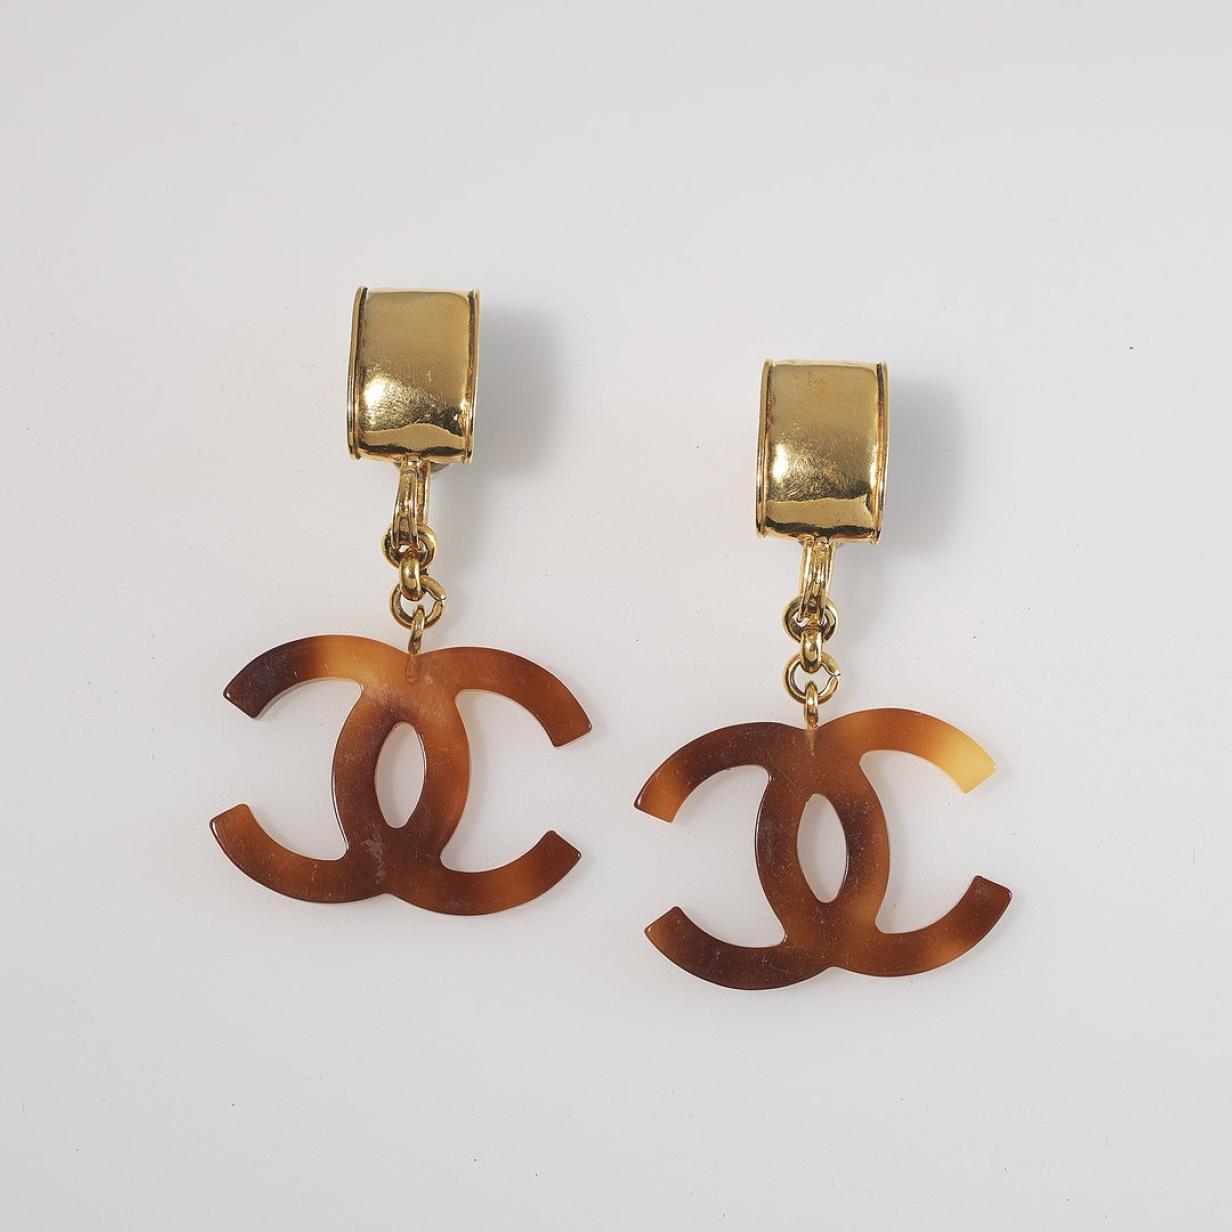 Chanel ab 180 Euro: Vintage-Auktion im Dorotheum Wien